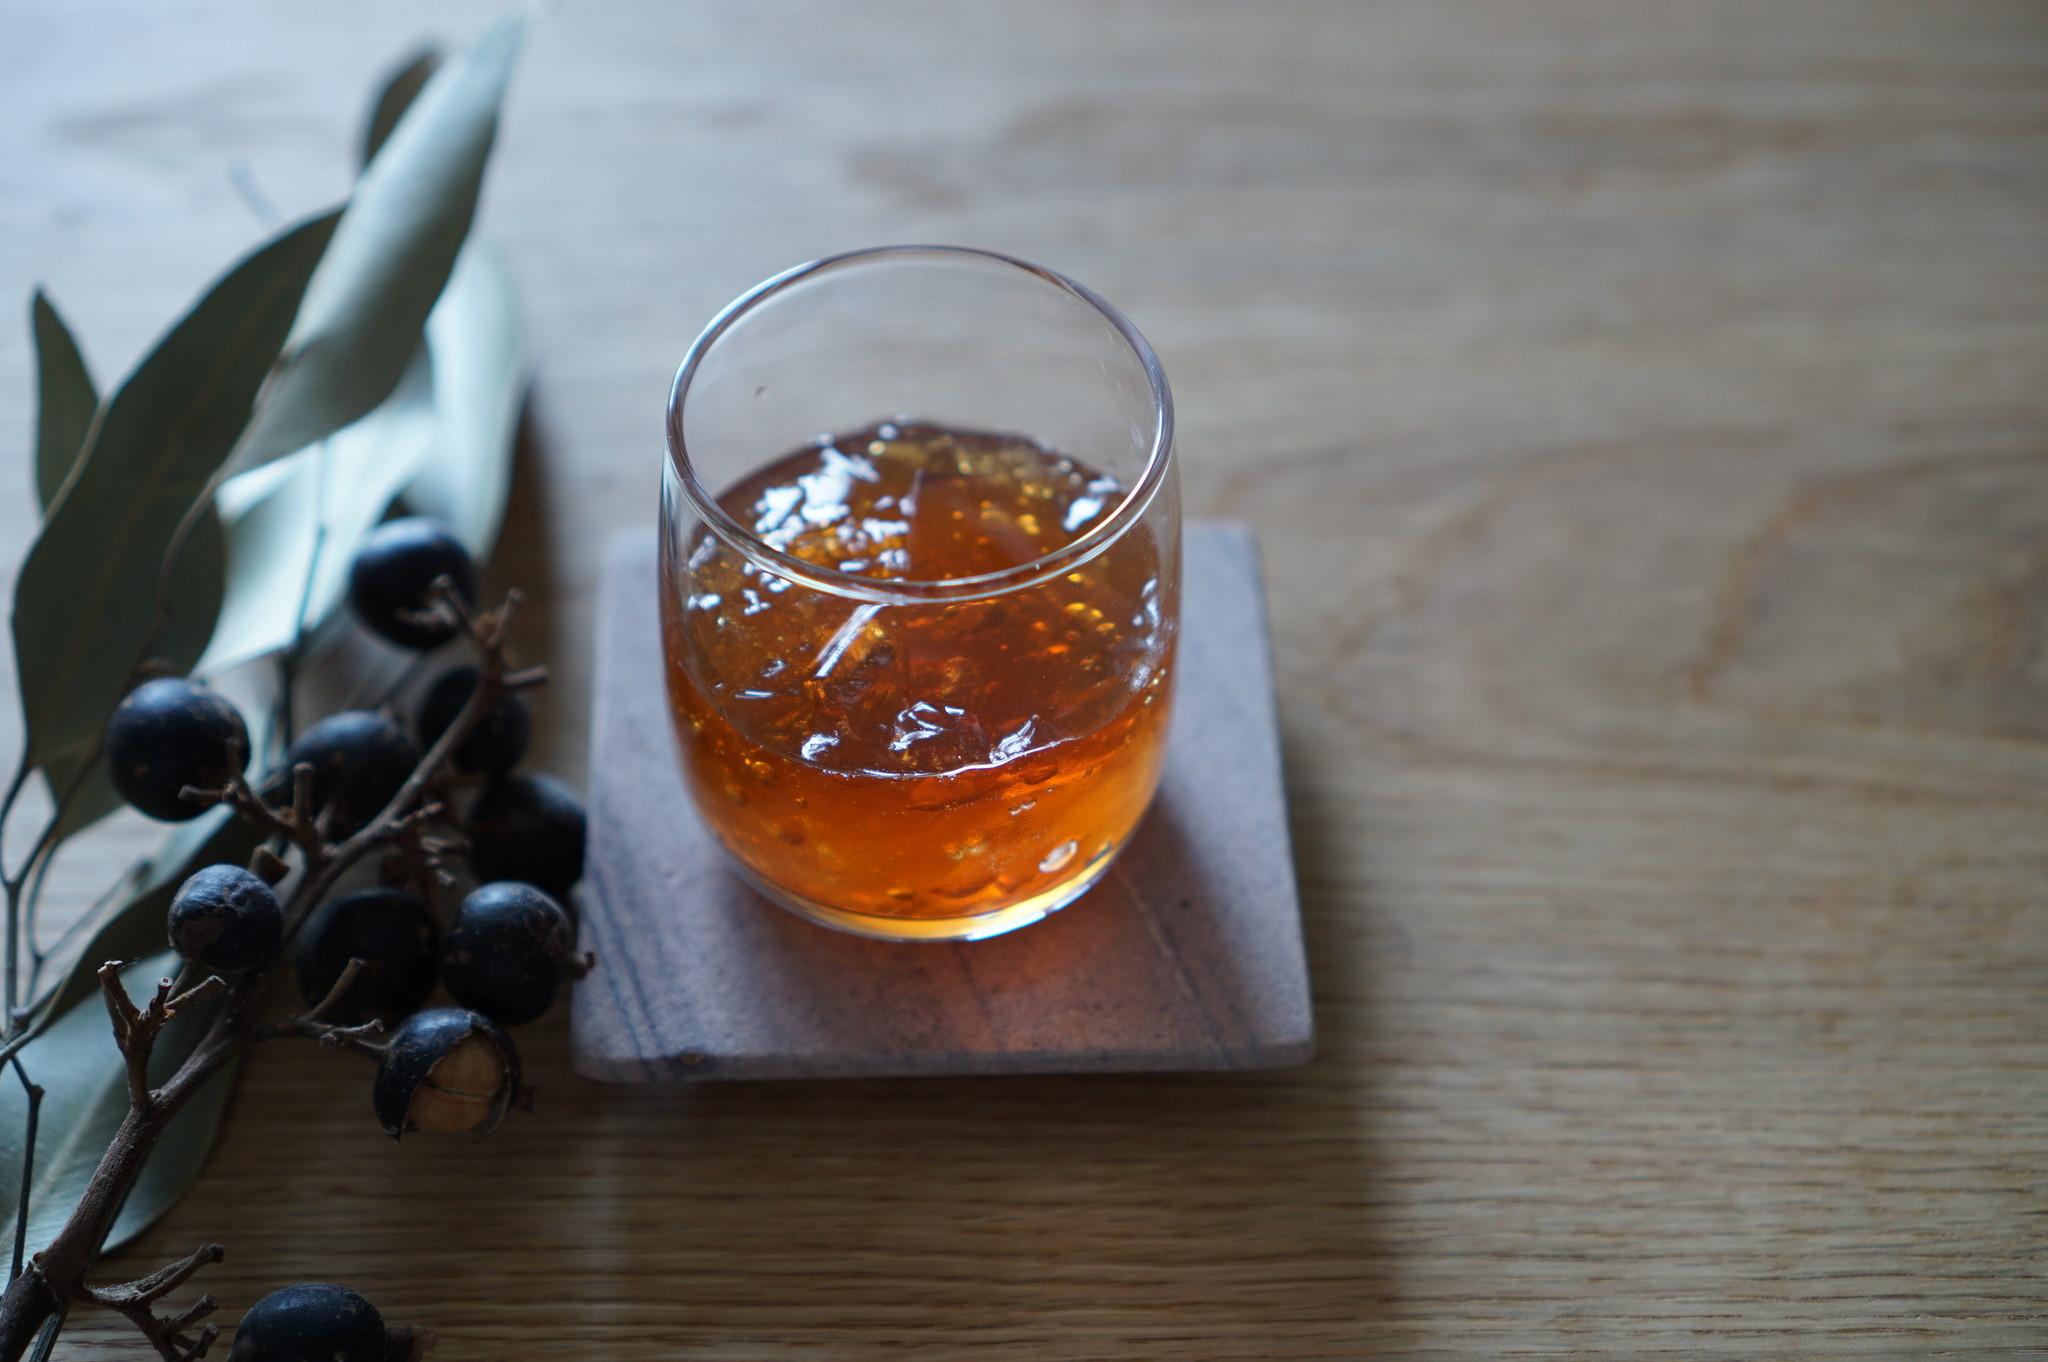 【レシピ】甘い香りとさっぱりした味わい「レッドウーロンゼリー」の作り方